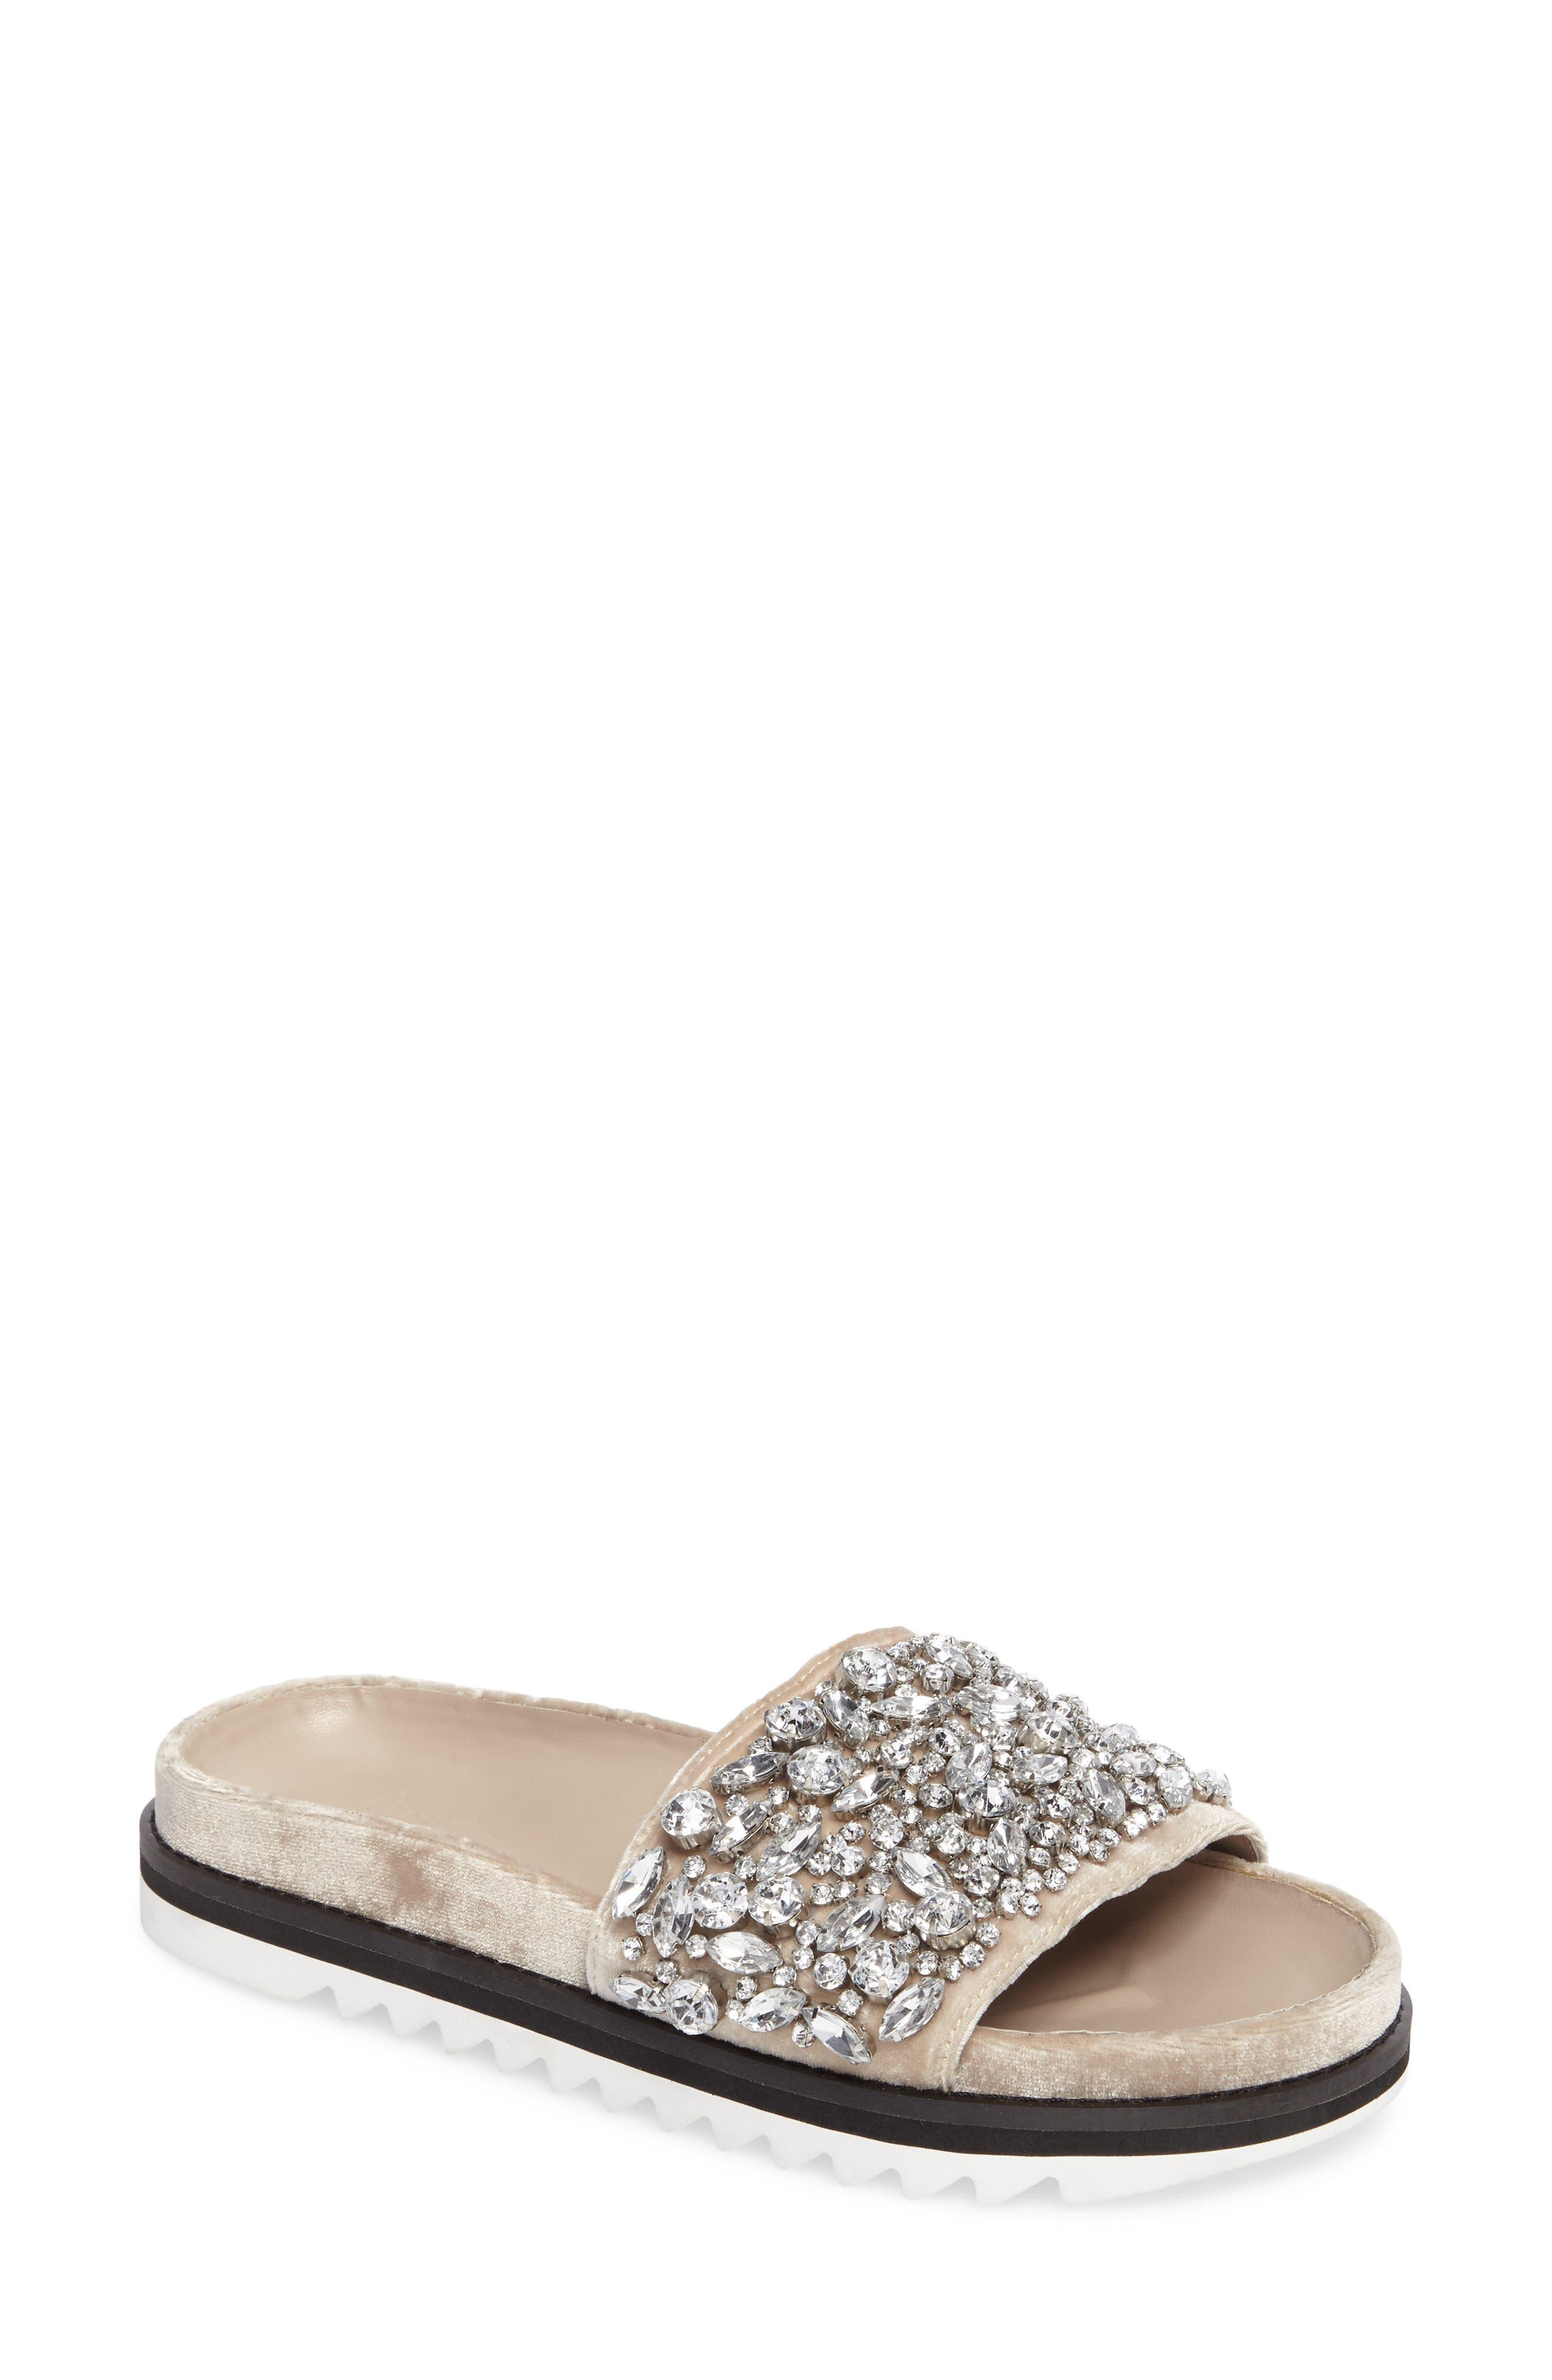 Jacory Crystal Embellished Slide Sandal,                             Main thumbnail 1, color,                             Fog